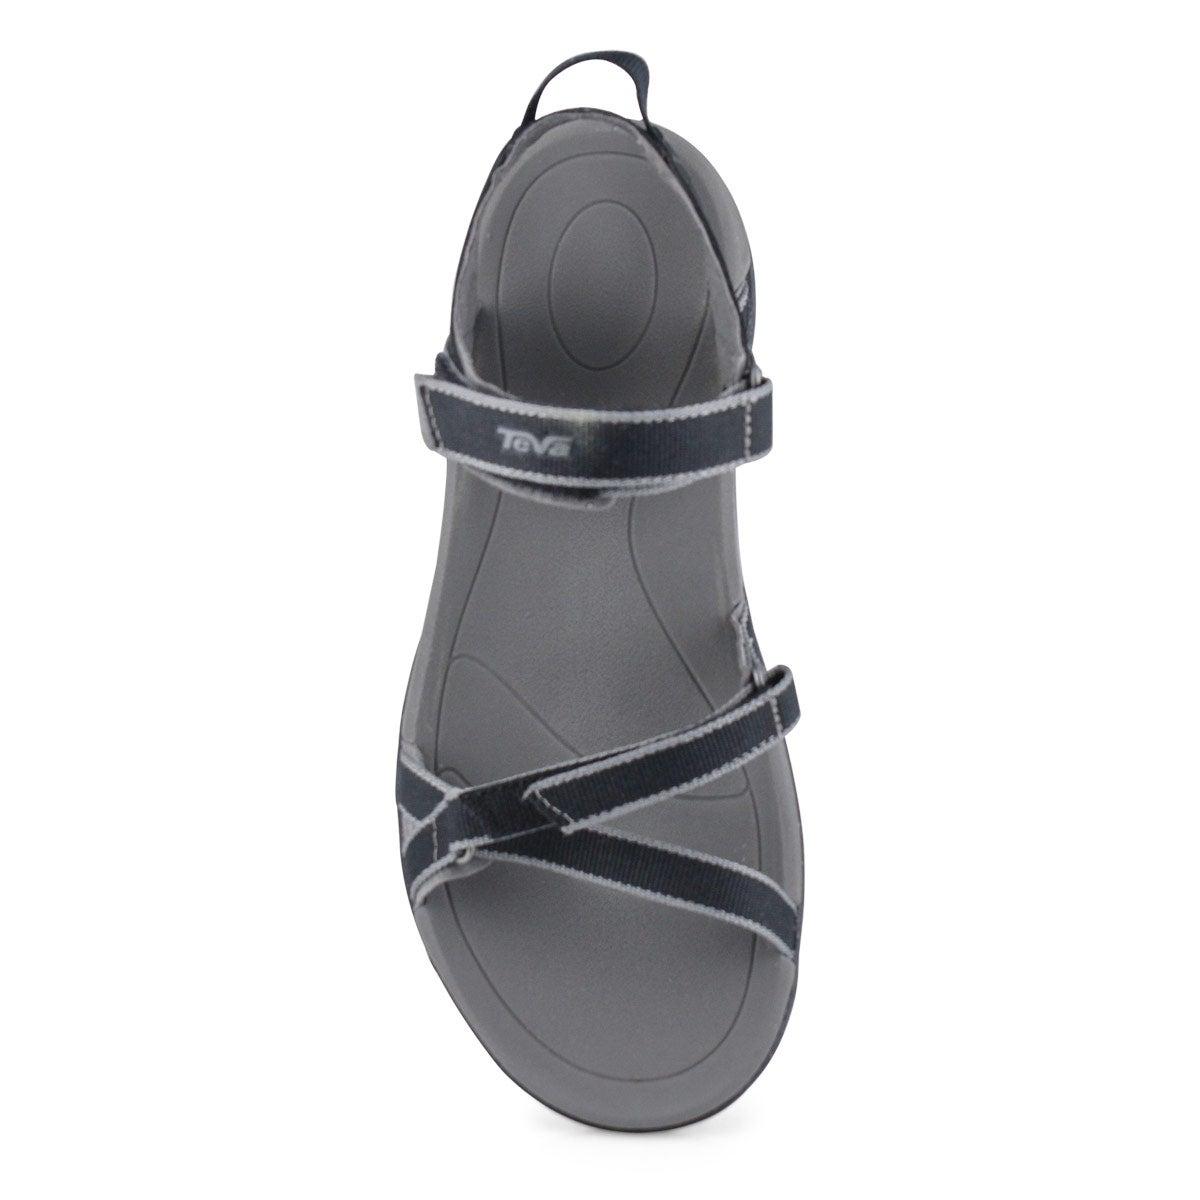 Lds Verra black sport sandal